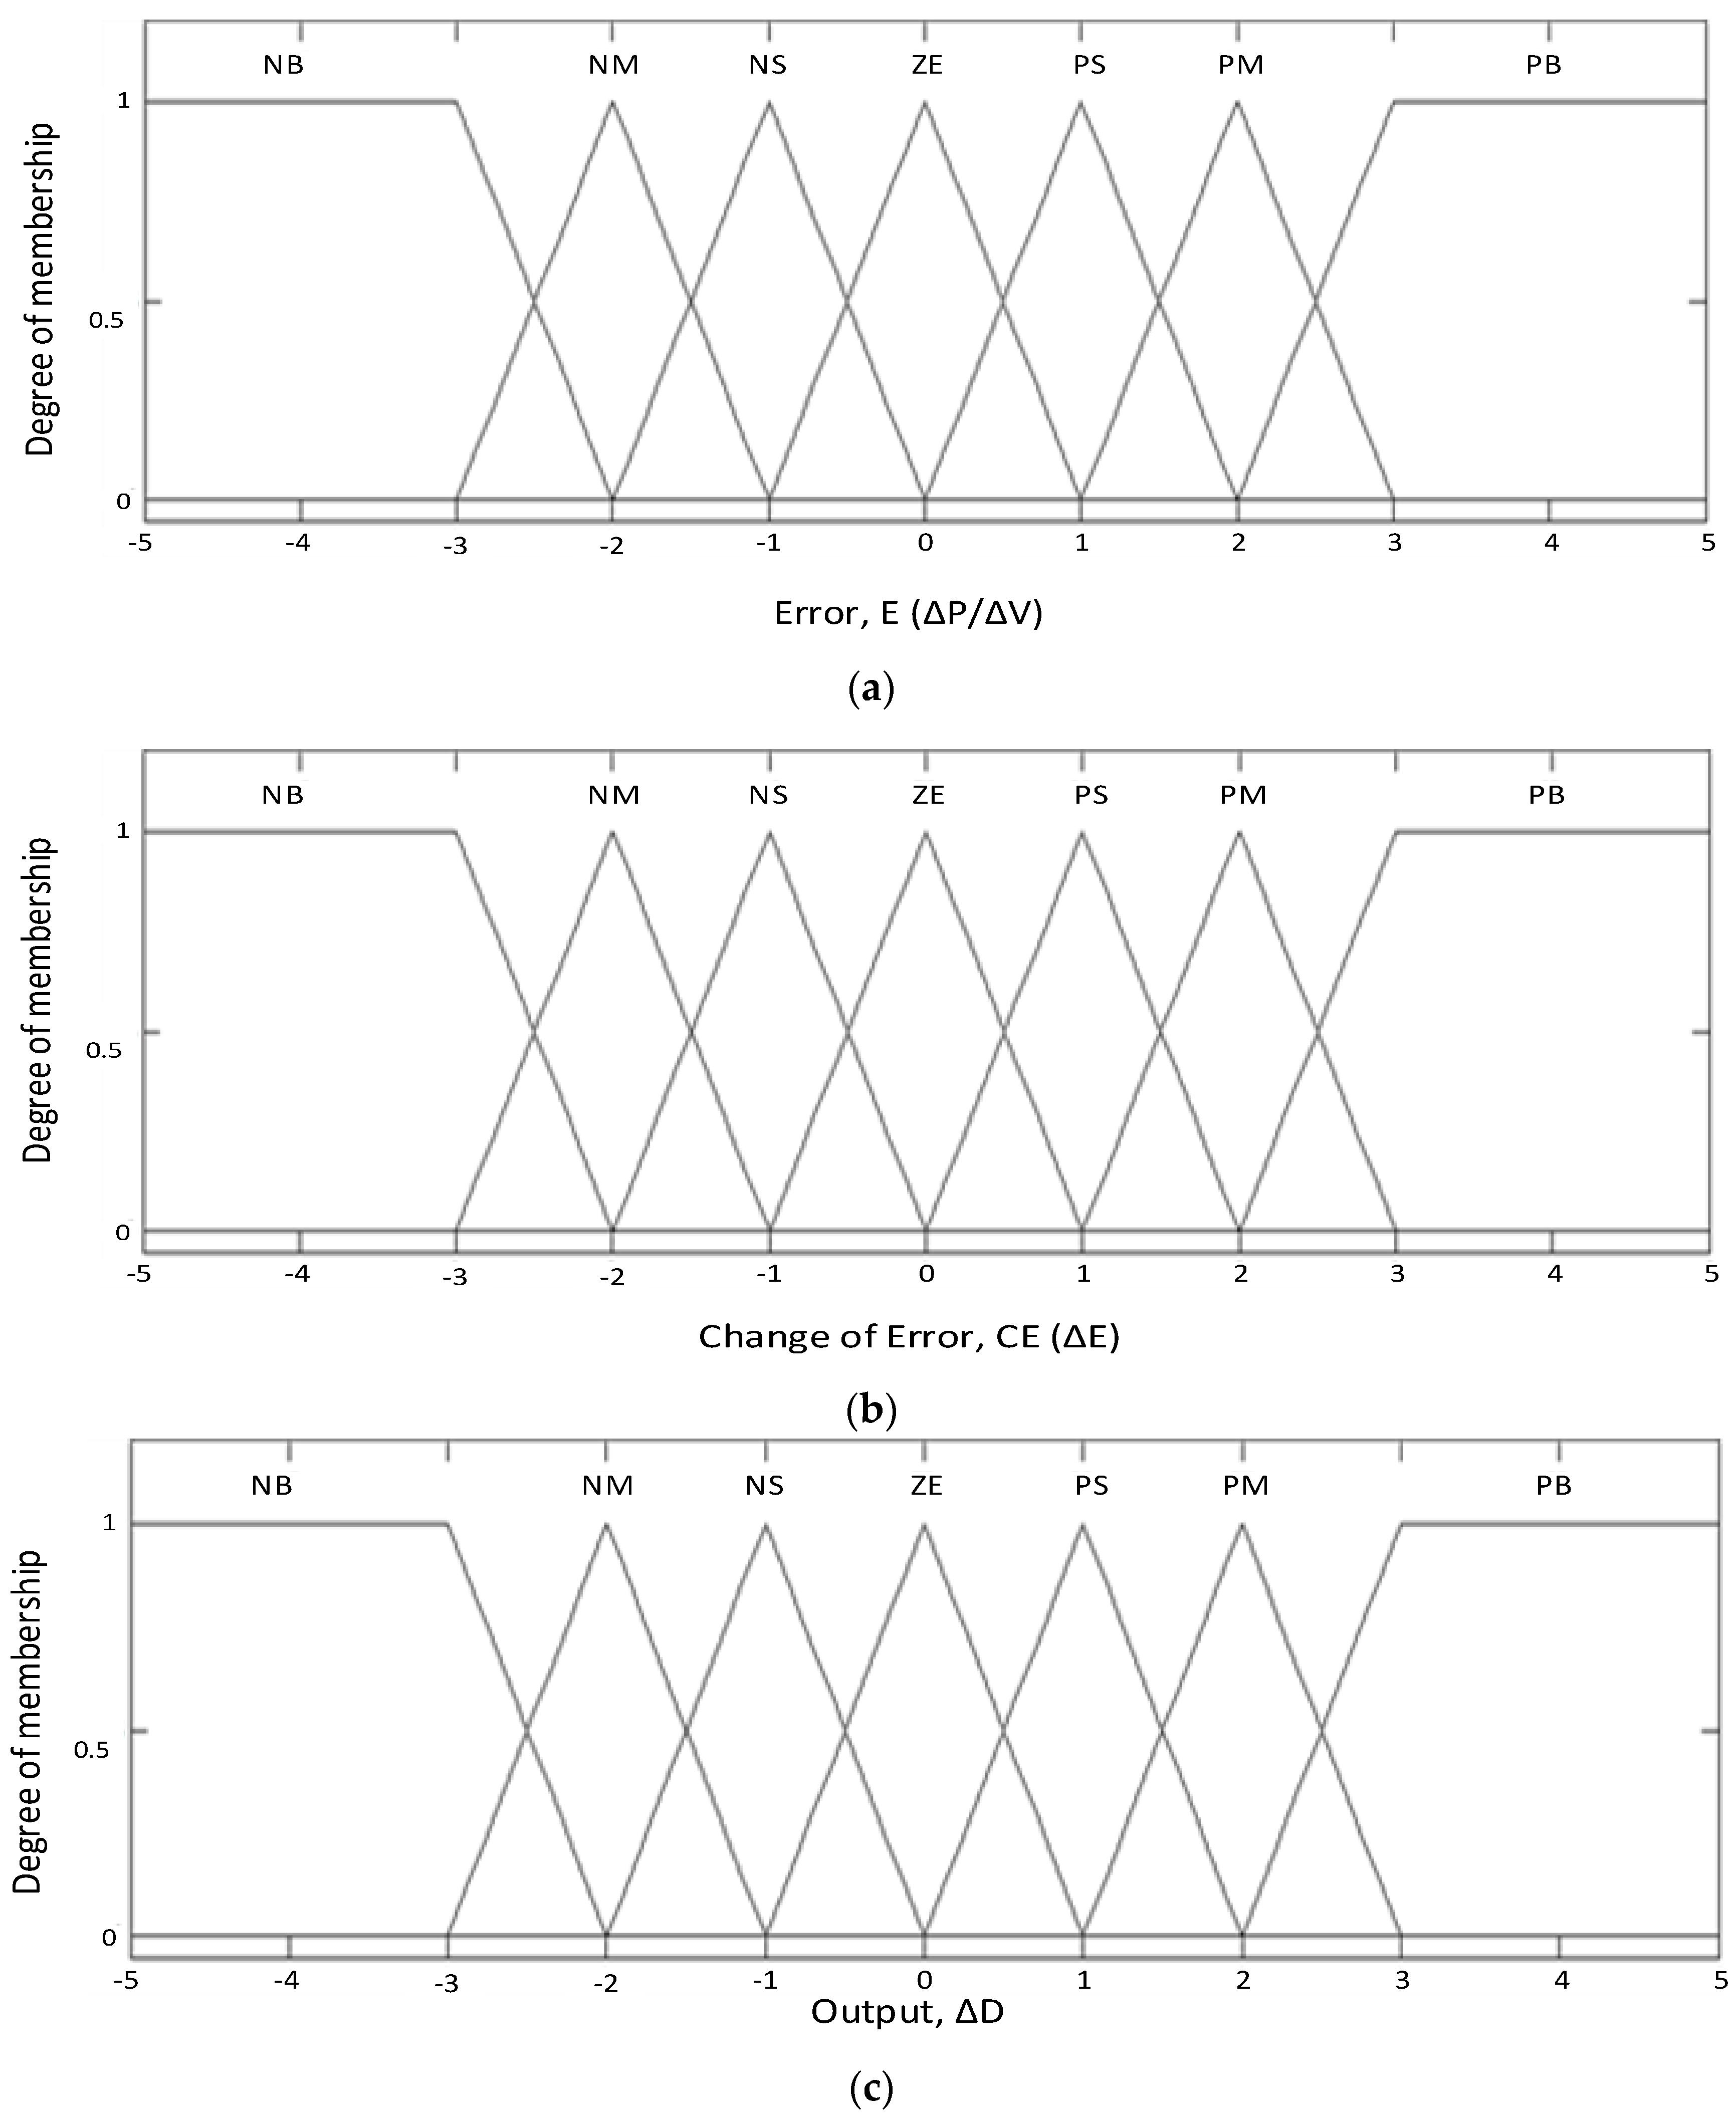 buck converter research paper